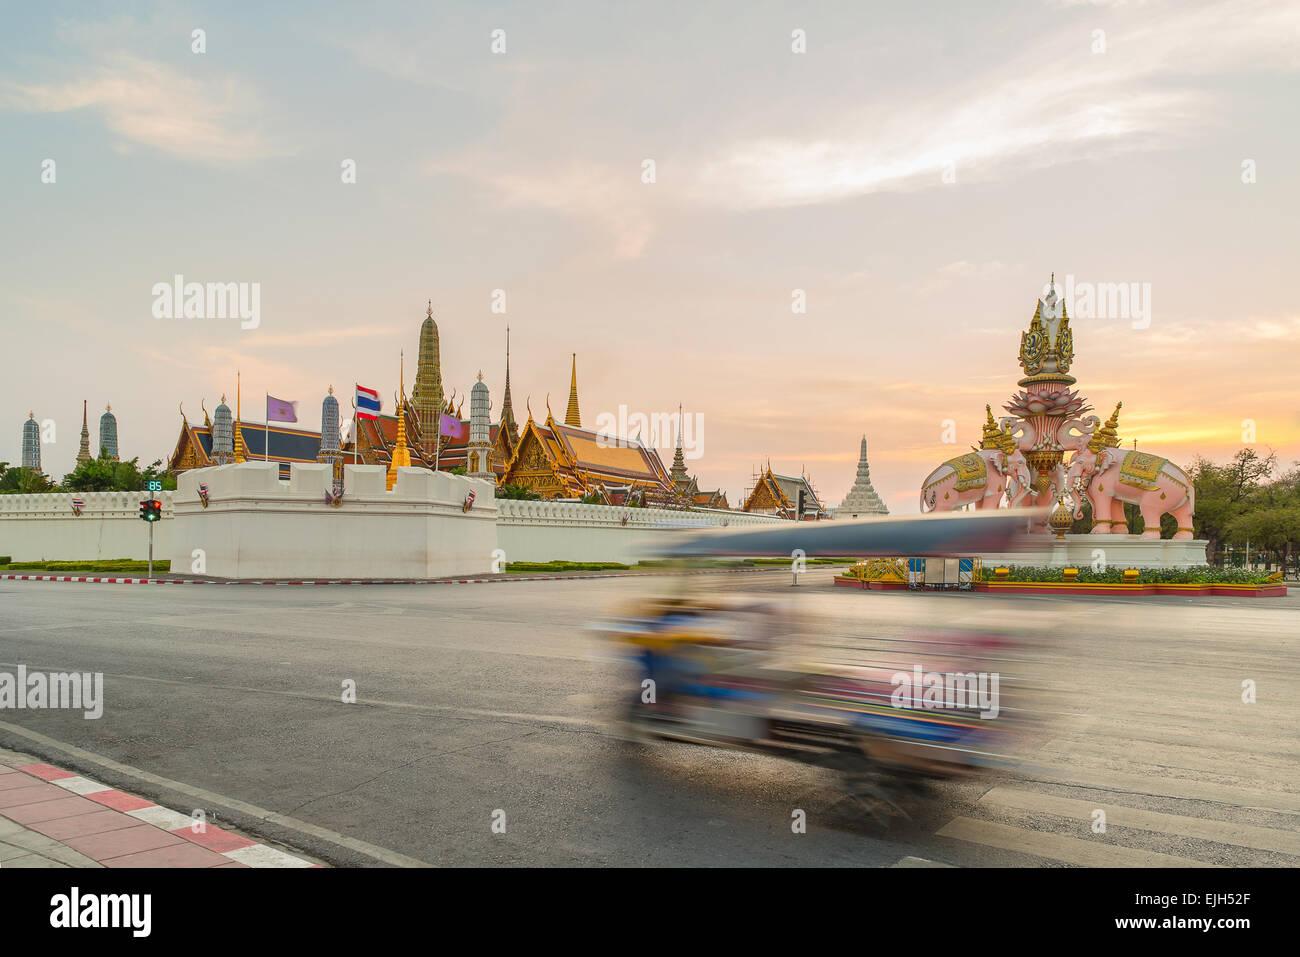 Tuk Tuk für Pkw. In Bangkok besichtigen. Stockbild